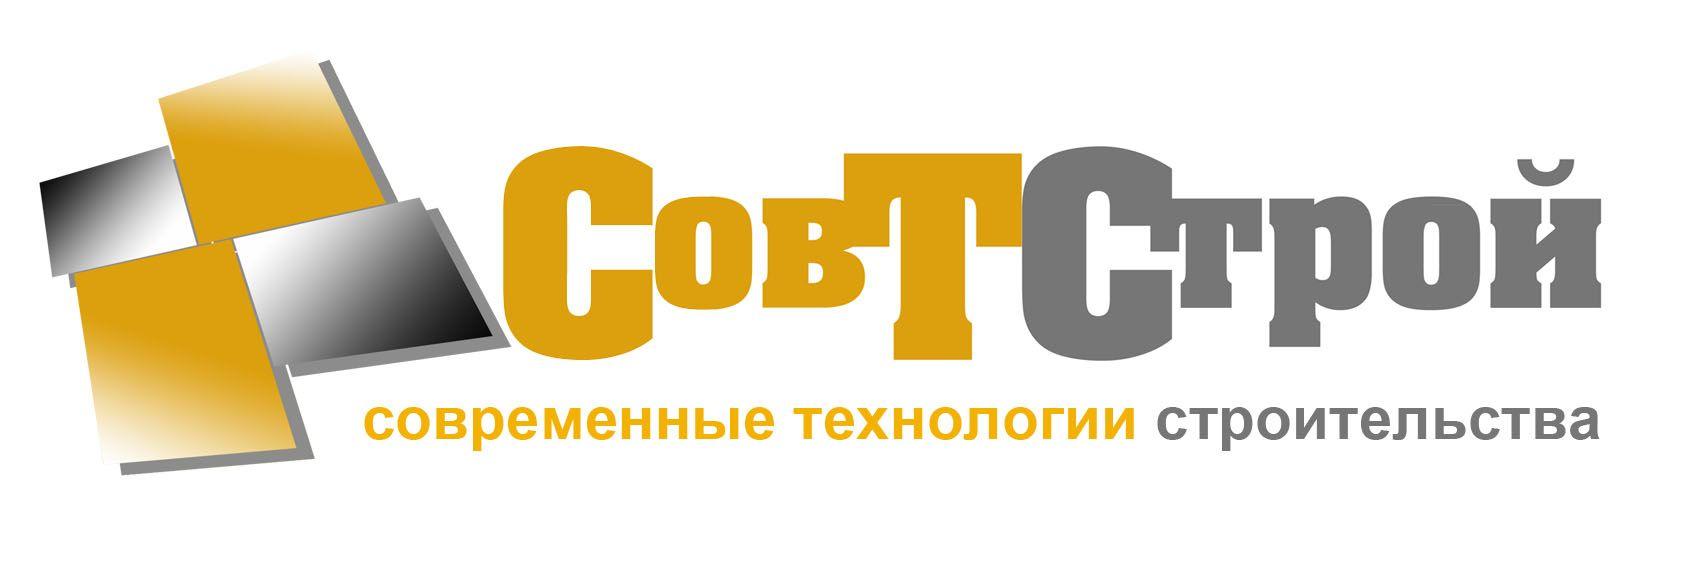 Логотип для поставщика строительных материалов - дизайнер Velo16